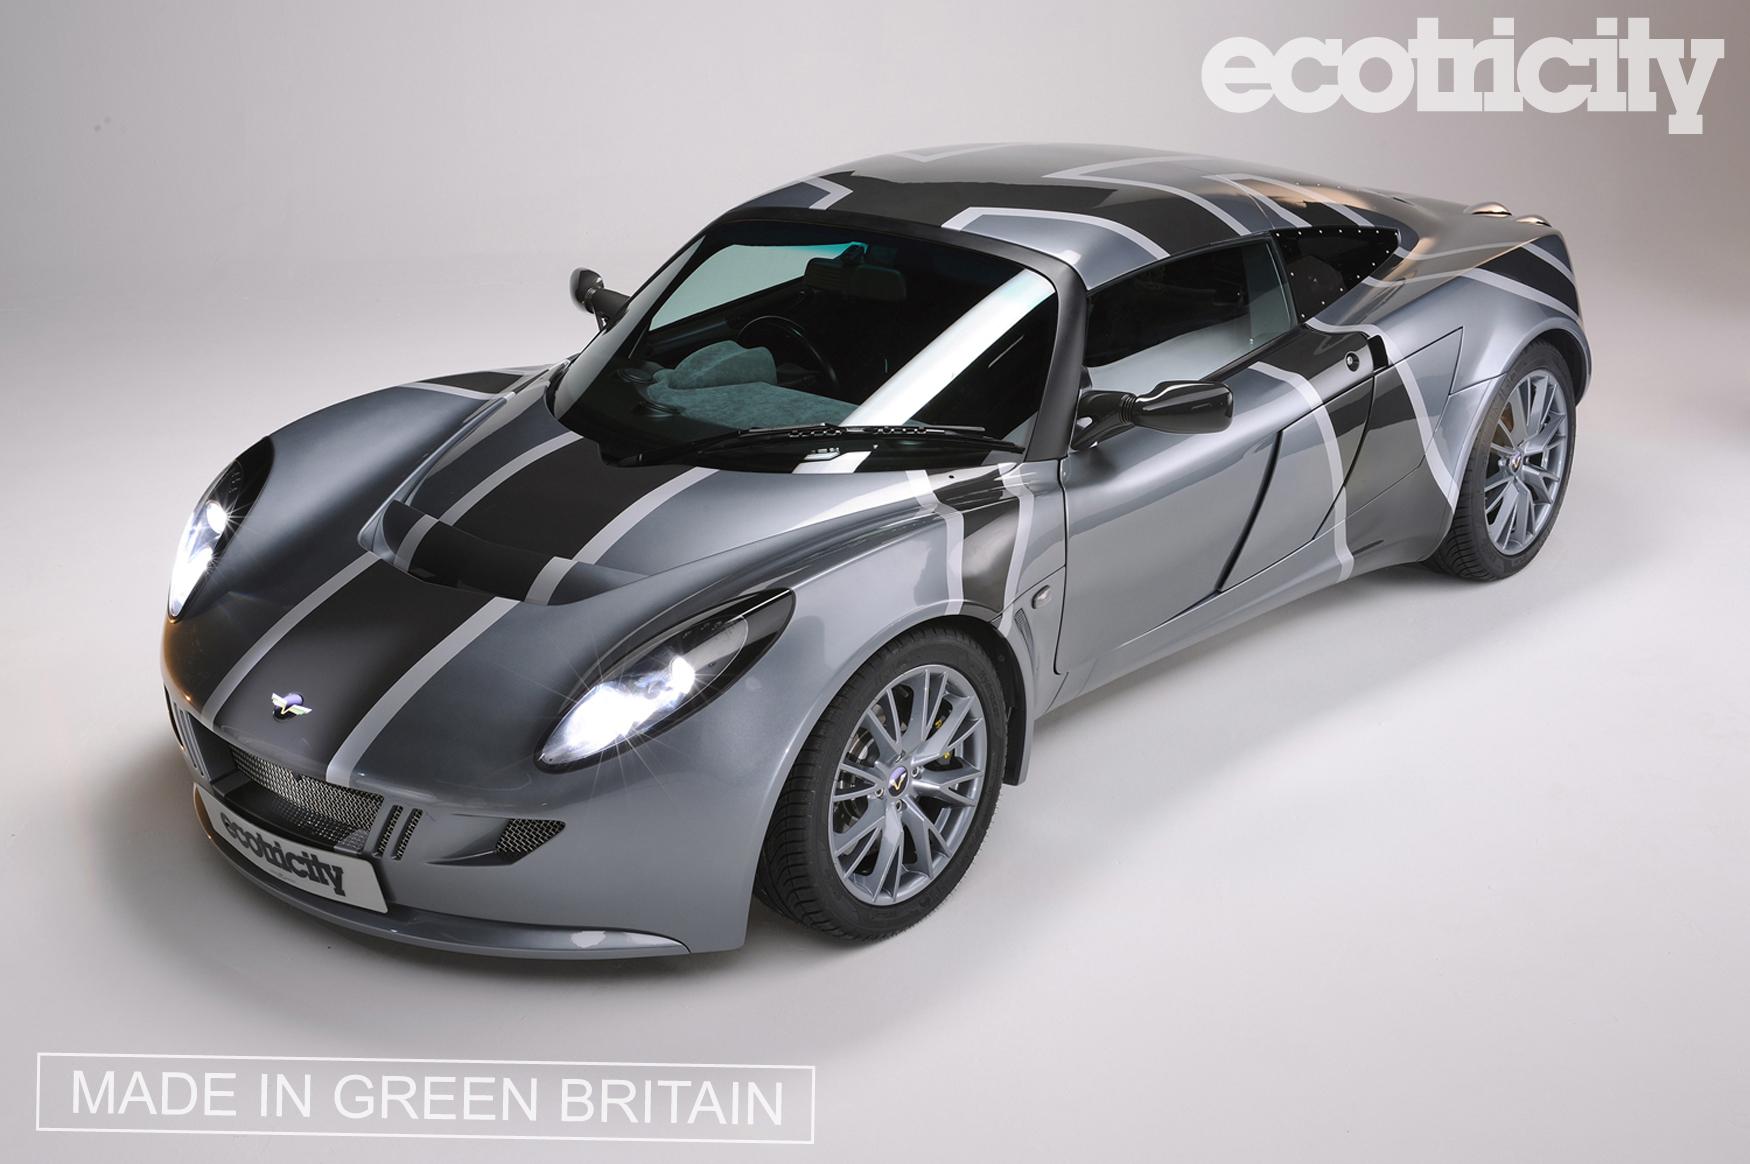 tesla 39 s nemesis electric lotus based sports car from u k. Black Bedroom Furniture Sets. Home Design Ideas